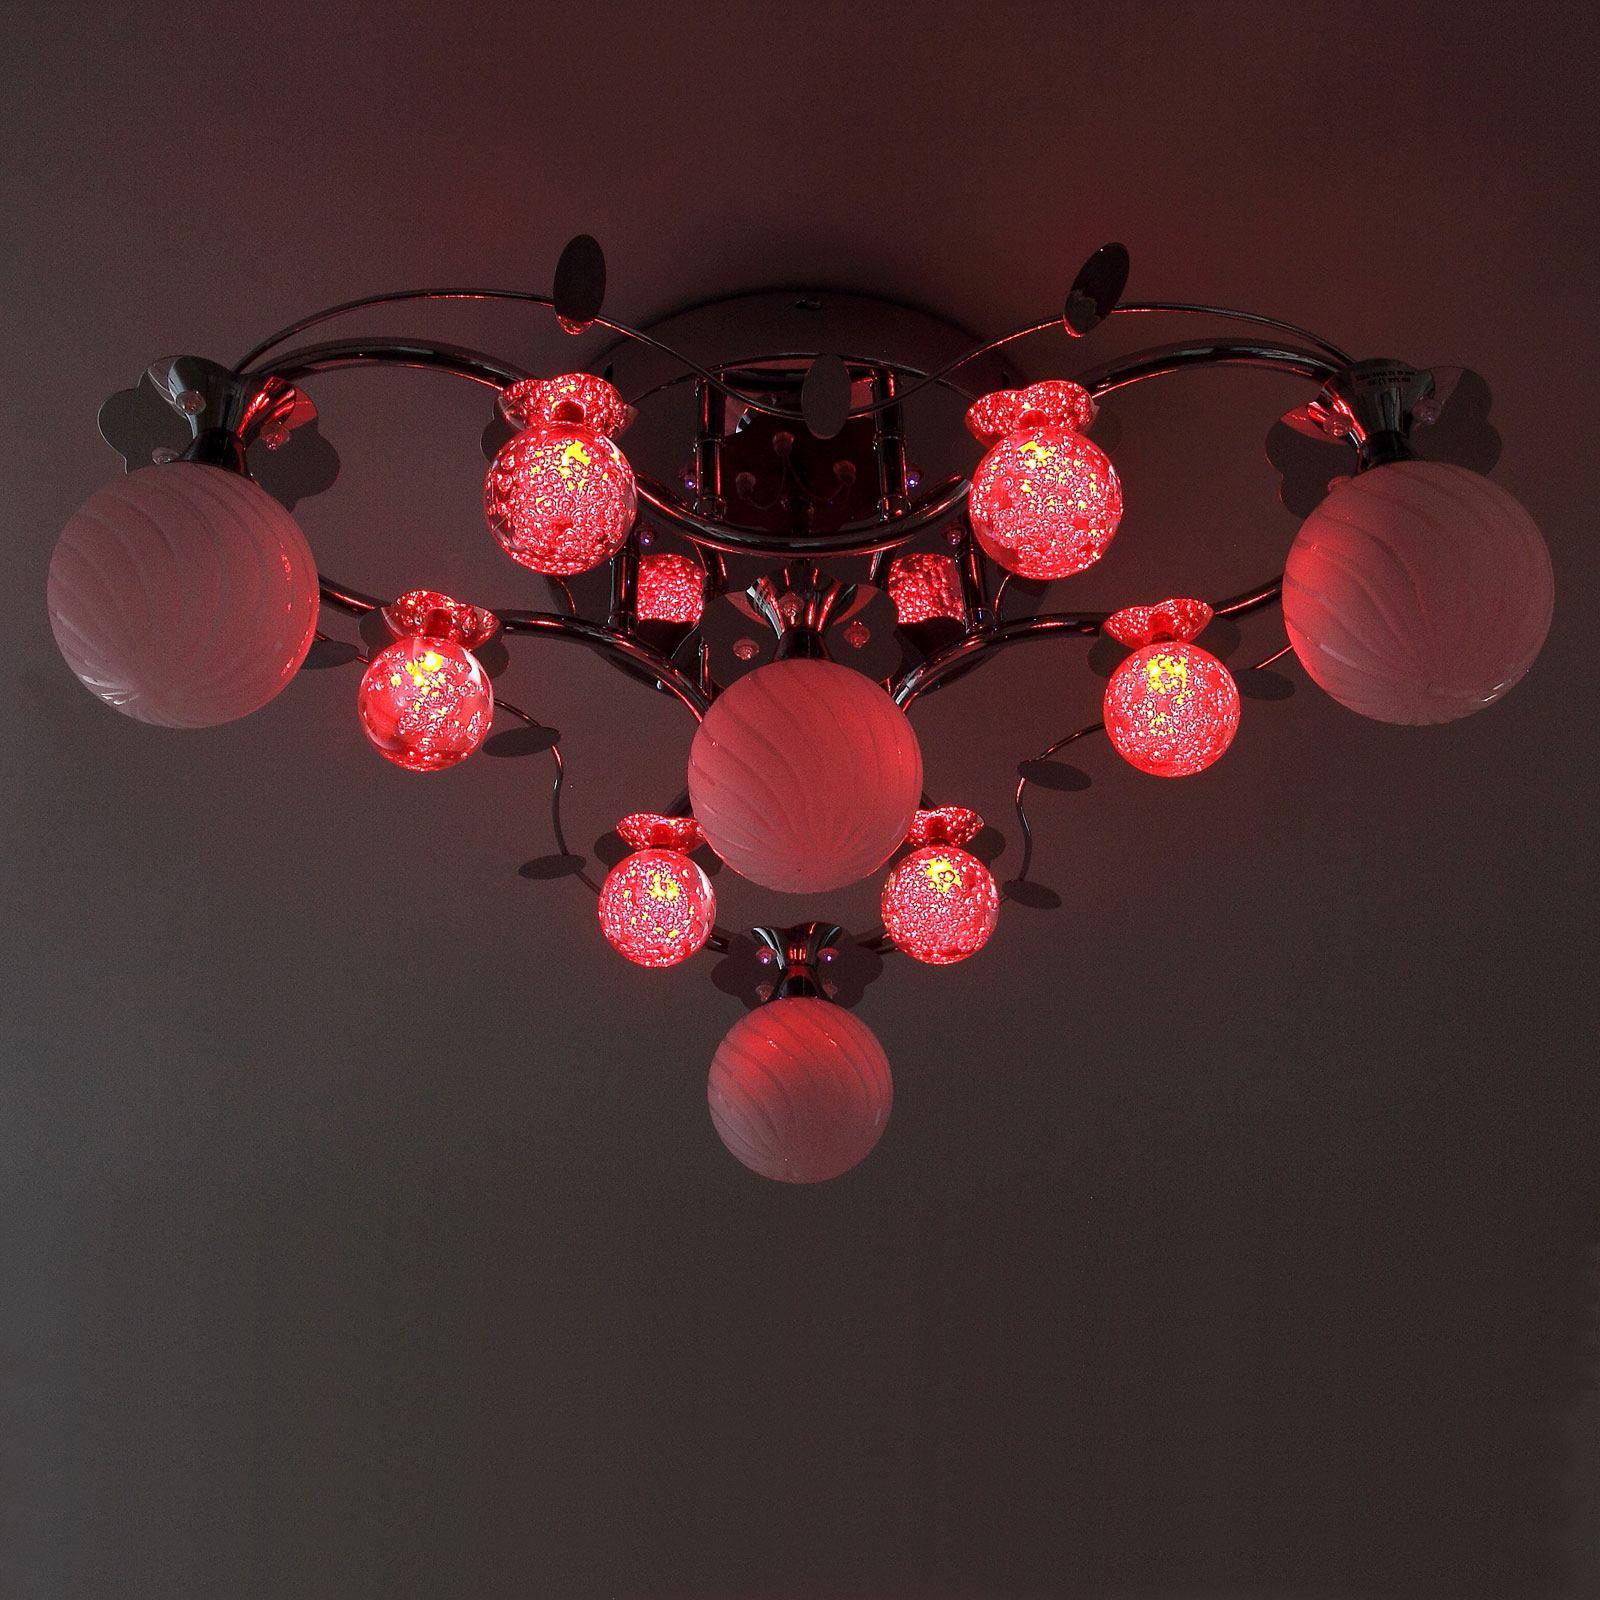 Full Size of Led Deckenlampe Wohnzimmer Schlafzimmer Leuchte Farbwechsel 4 Lampe Deckenlampen Modern Vorhänge Bogenlampe Esstisch Küche Wiemann Mit überbau Massivholz Schlafzimmer Lampe Schlafzimmer